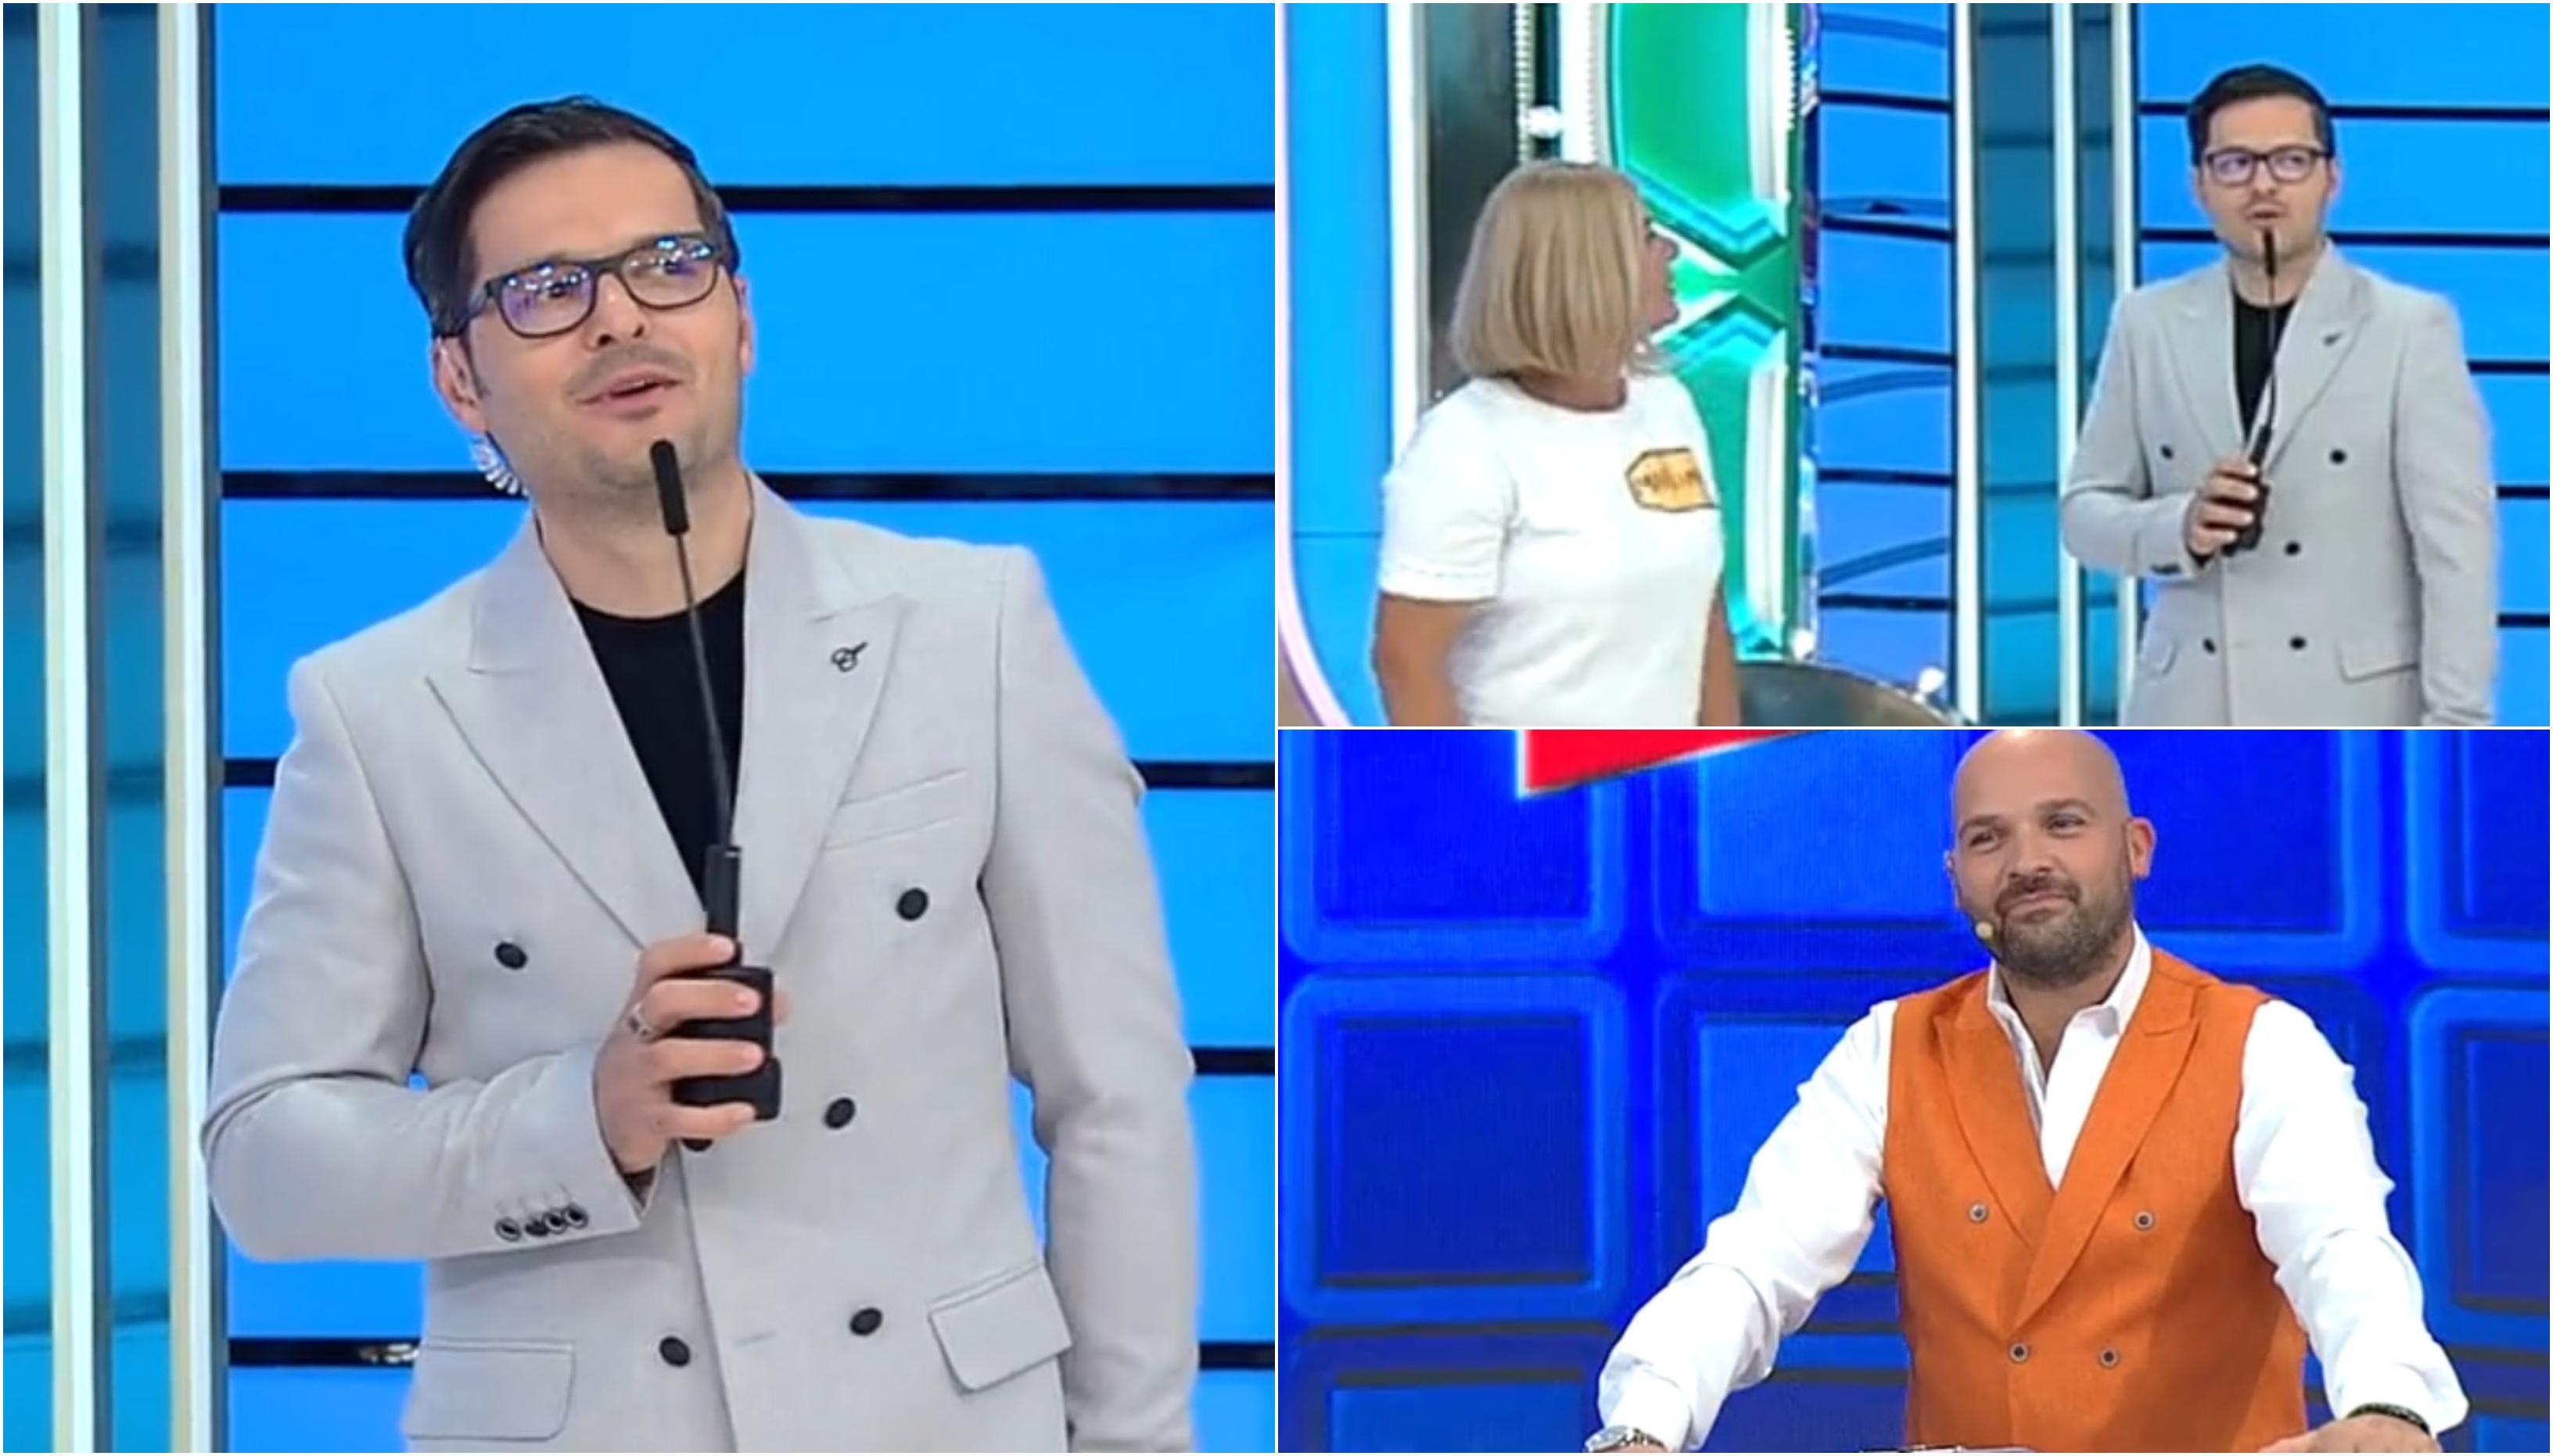 Prețul cel bun, 20 octombrie. Concurenta pe care Liviu Vârciu a rugat-o să-și lase numarul la intrare, pentru Andrei Stefanescu